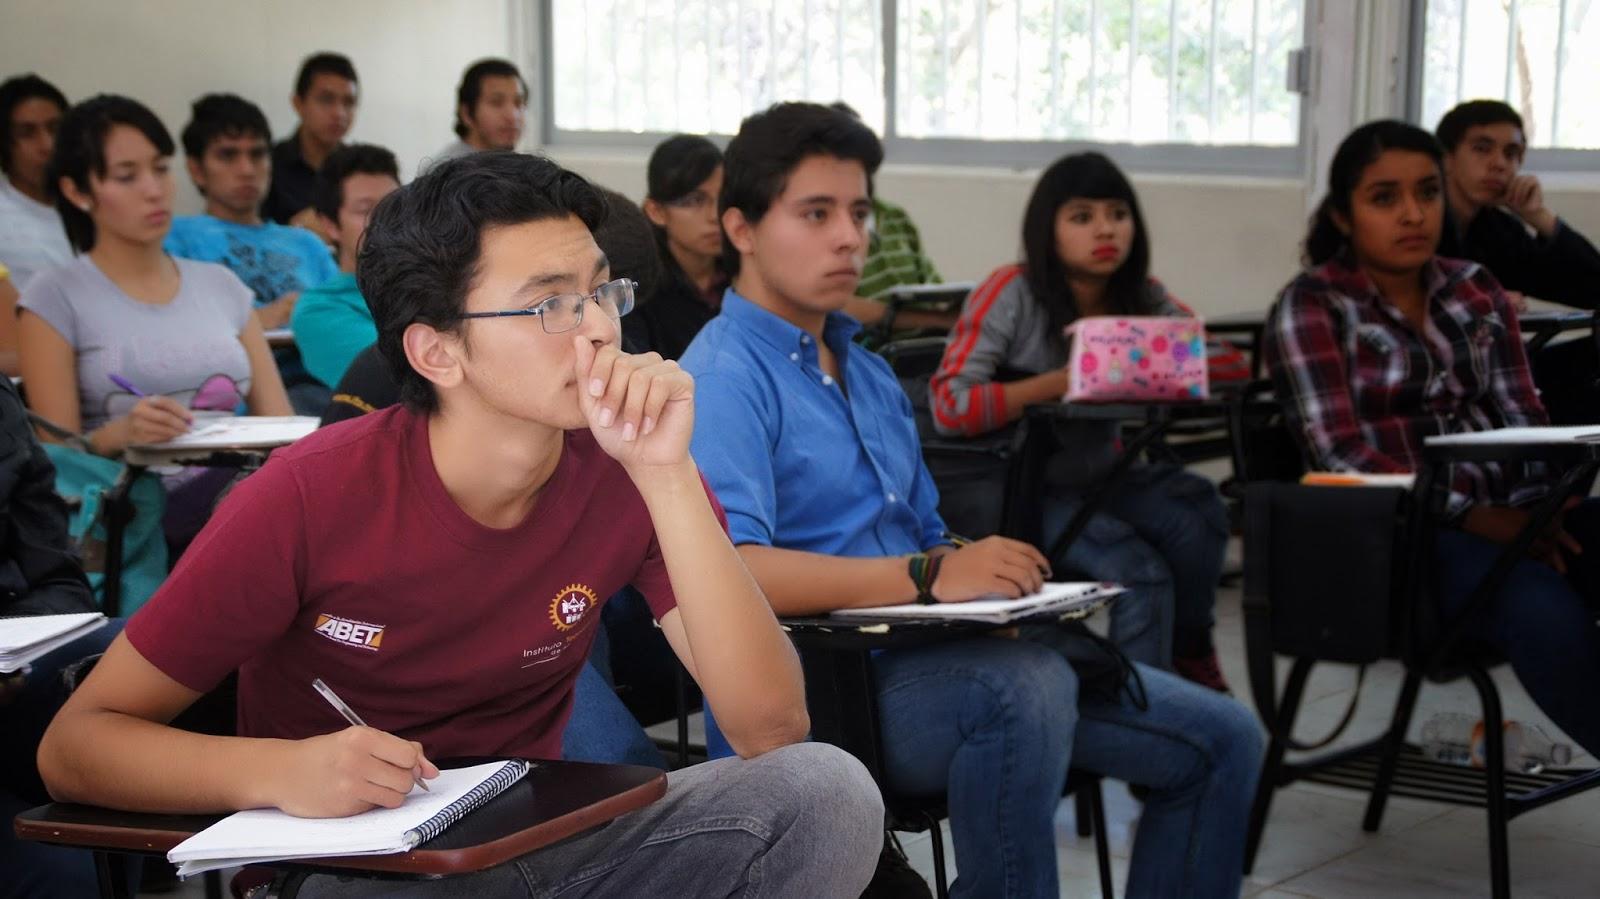 La profesora es follada en clase por todos sus alumnos